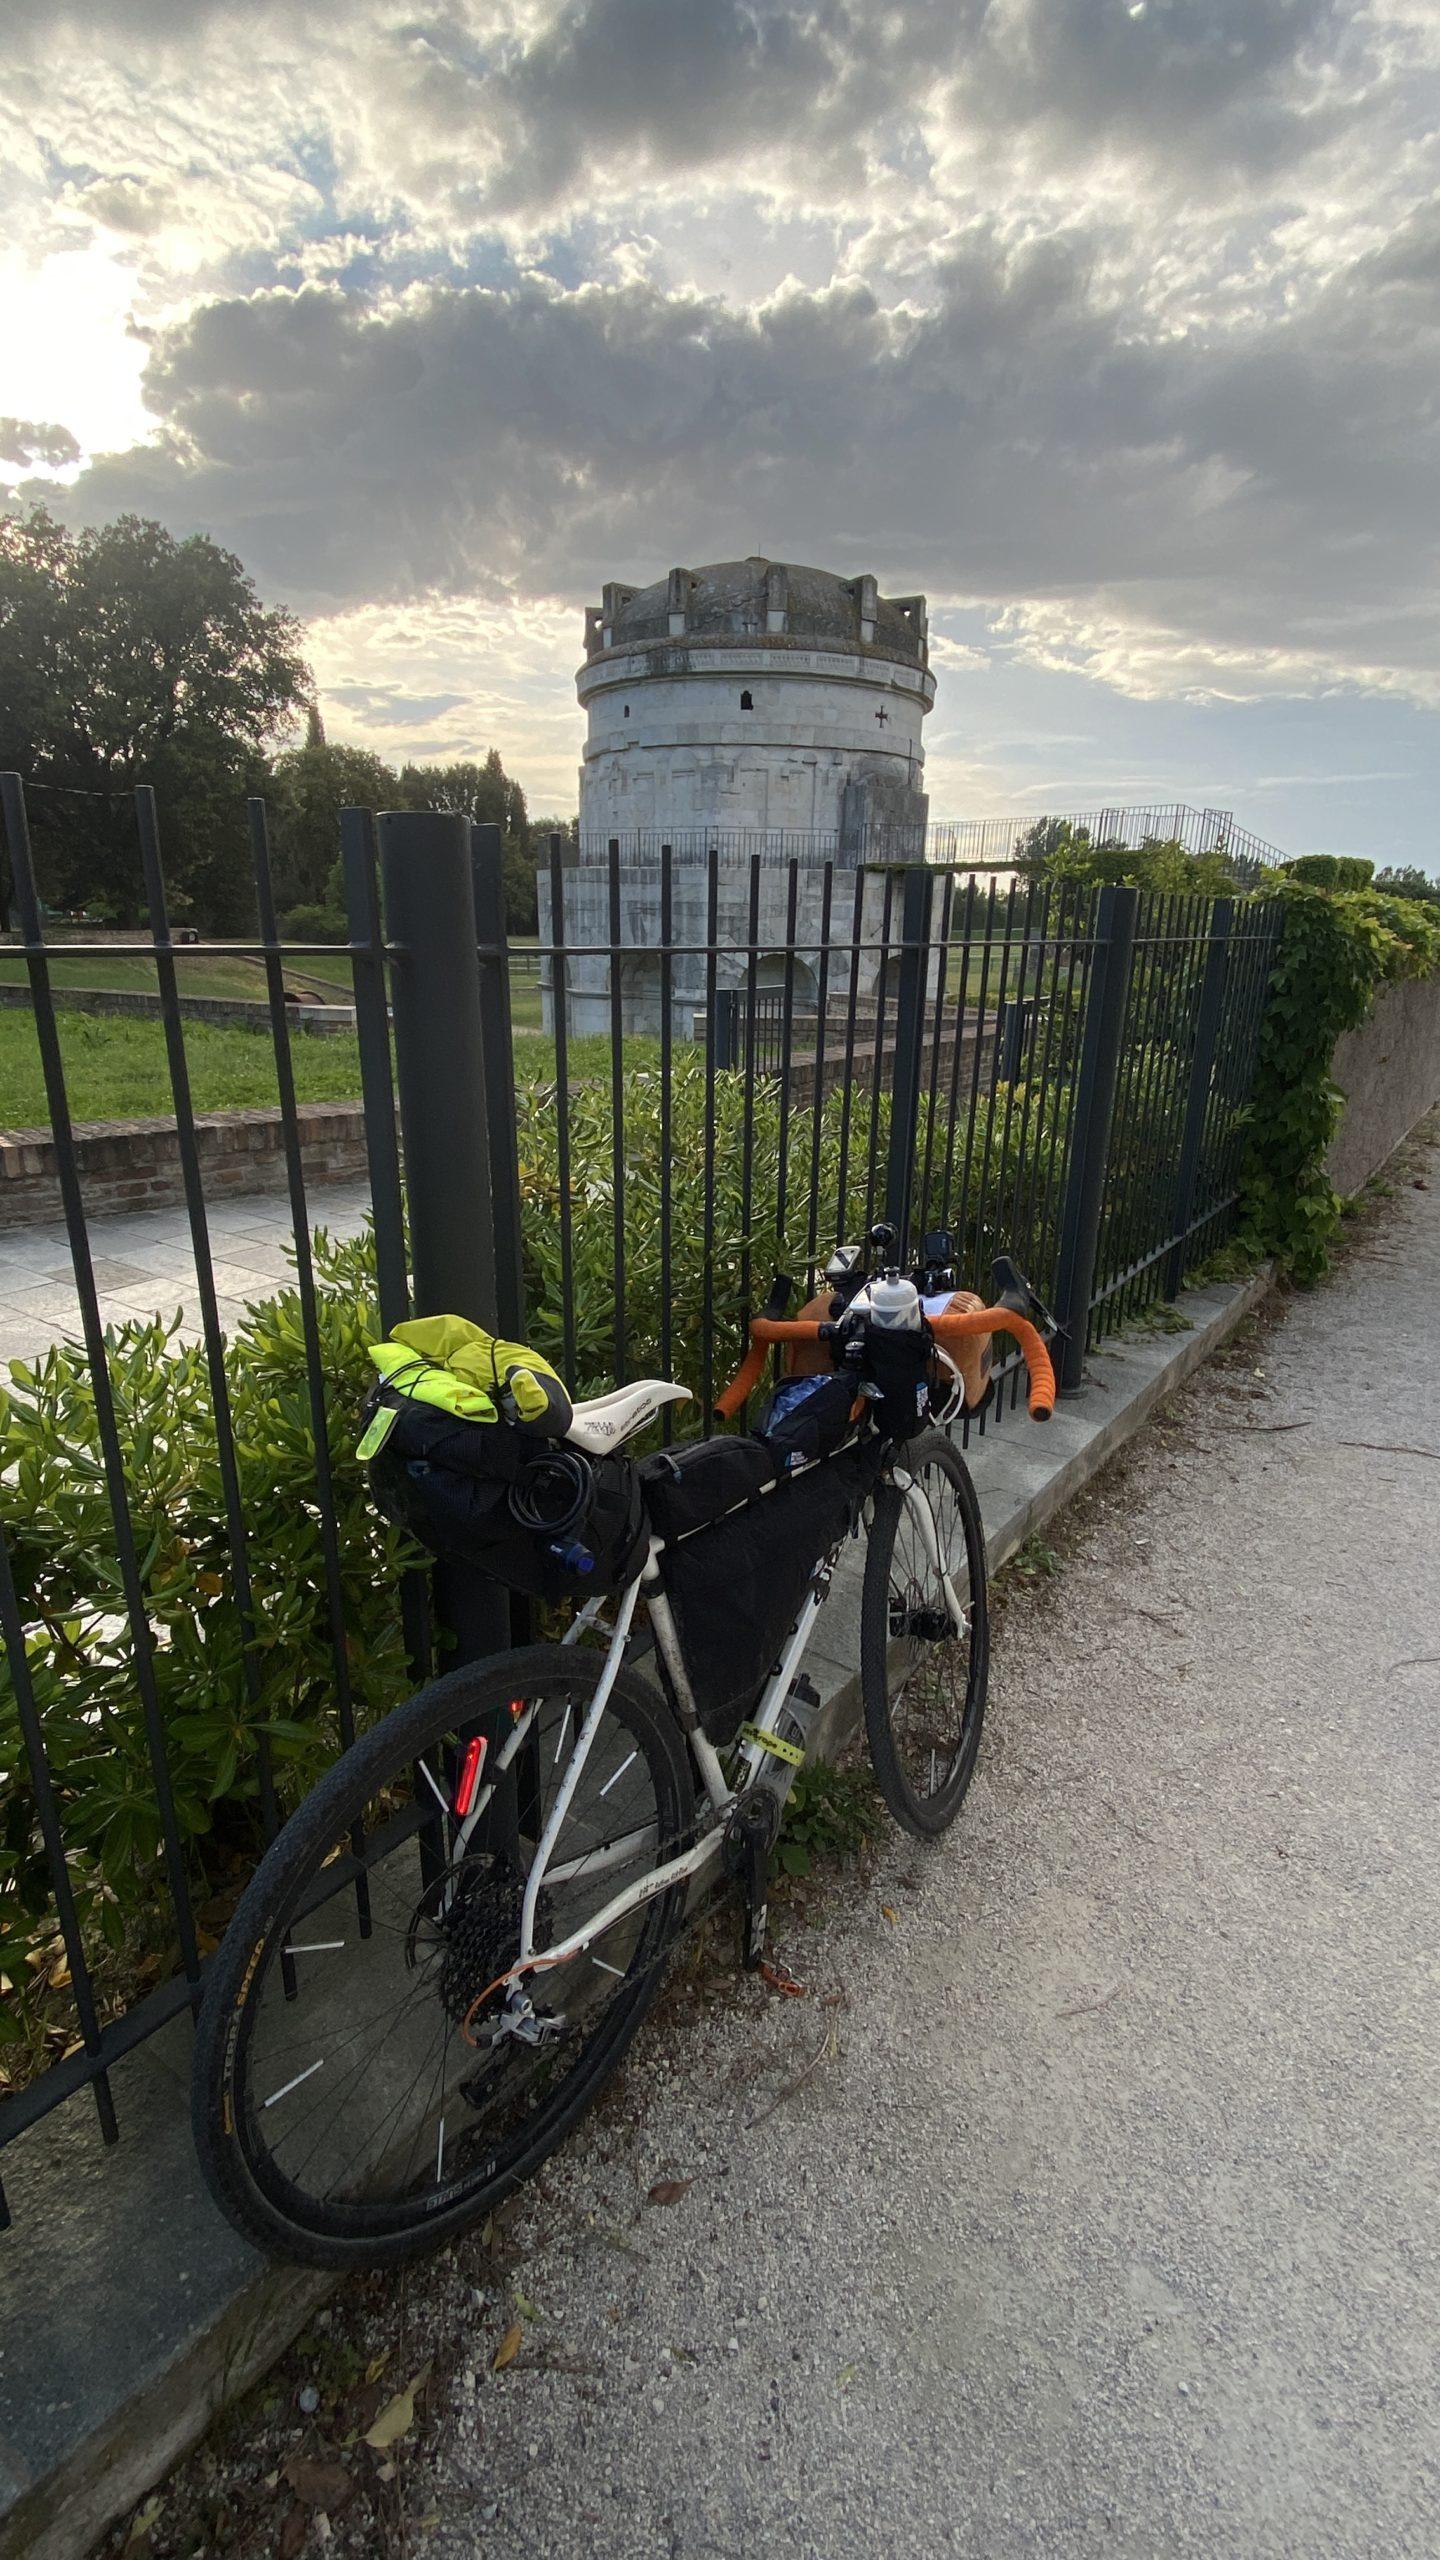 la lunga via dei fiumi, viaggiatore lento, viaggiare in bici, verona in bicicletta, ciclabile dell'adige, ciclovia del sole, eurovelo 7, ciclovia del Po, vacanze sul po in bici, lago di garda in bici, viaggiare in bicicletta, vacanze in bicicletta, Ravenna, patrimonio UNESCO, bikepacking, il veneto,